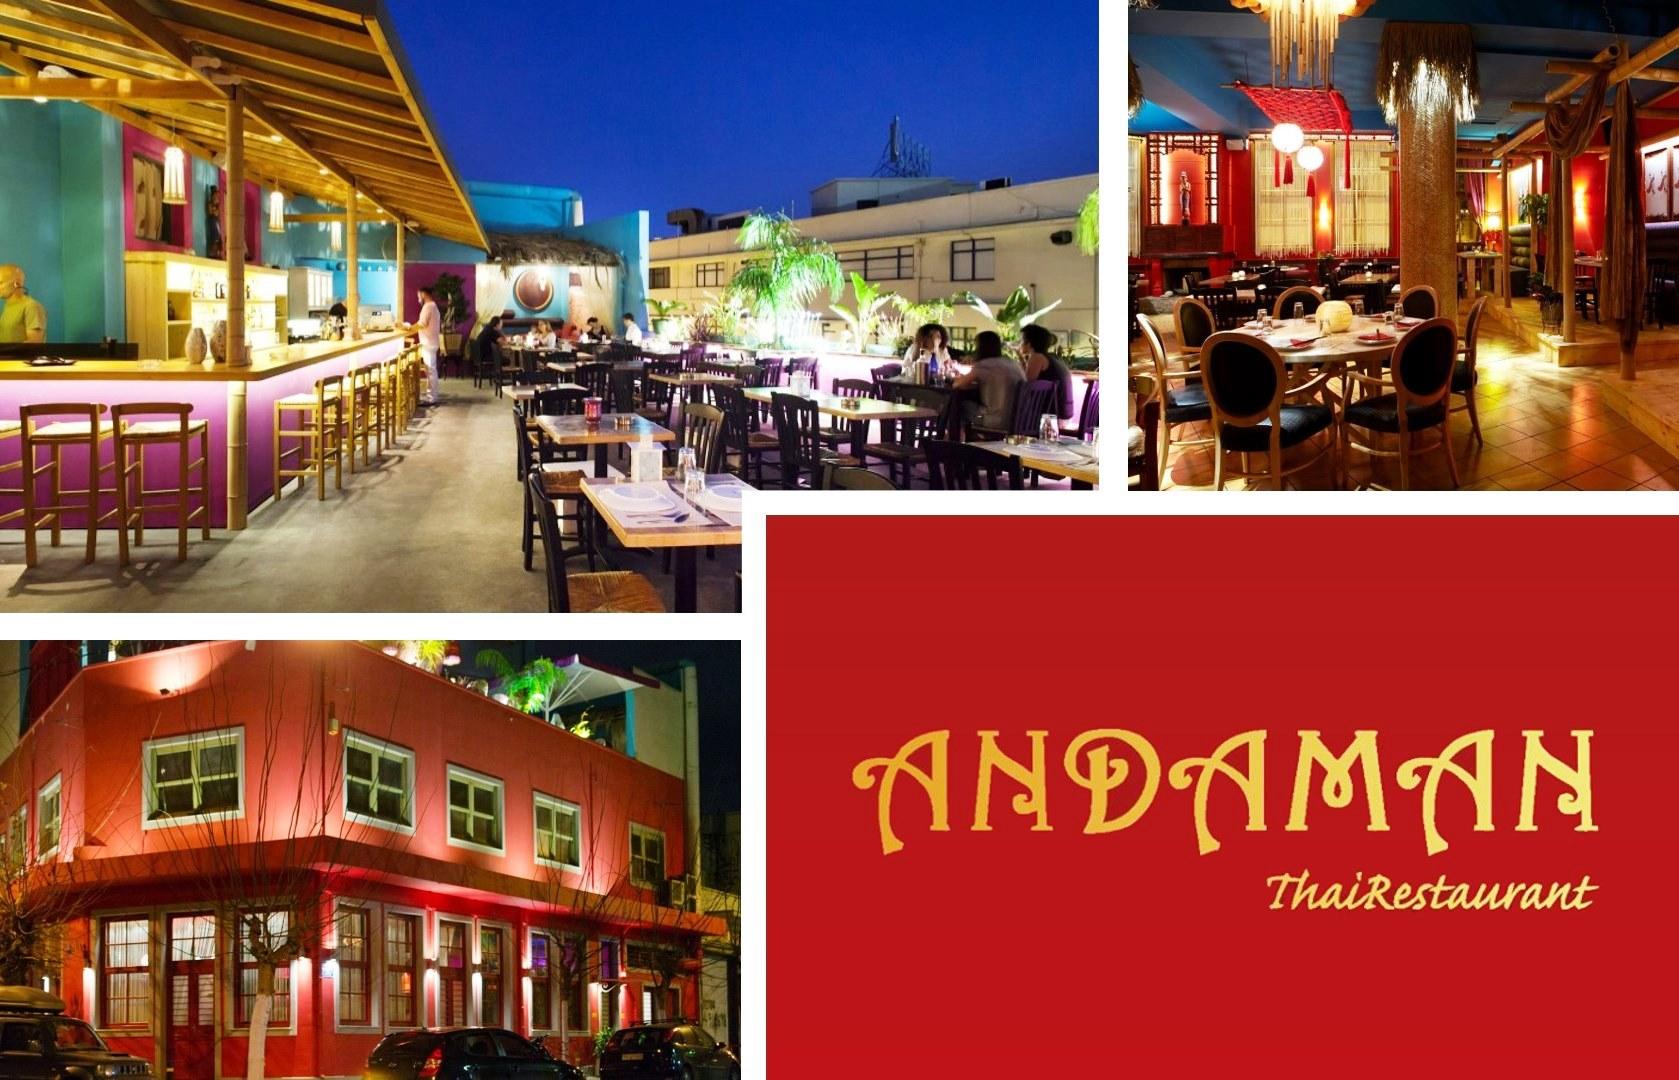 14,90€ από 30€ για πλήρες menu 2 ατόμων, ελεύθερη επιλογή, στη διάσημη ταράτσα του βραβευμένου Thai Bar Restaurant ''Andaman'' στα Κάτω Πετράλωνα.